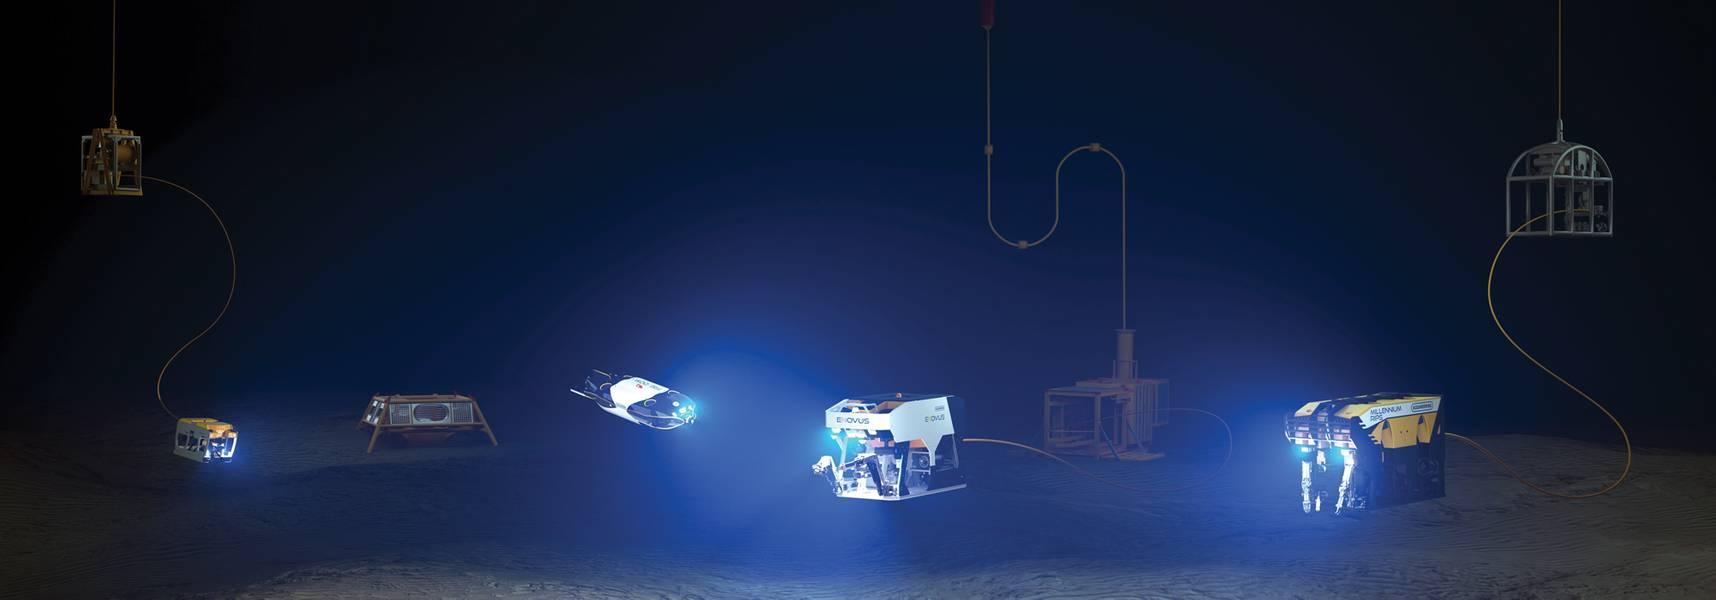 تم تضمين تشكيلة Oceaneering's ROV مع الجيل التالي من سيارات Freedom و E-ROV. بإذن من Oceaneering الدولية